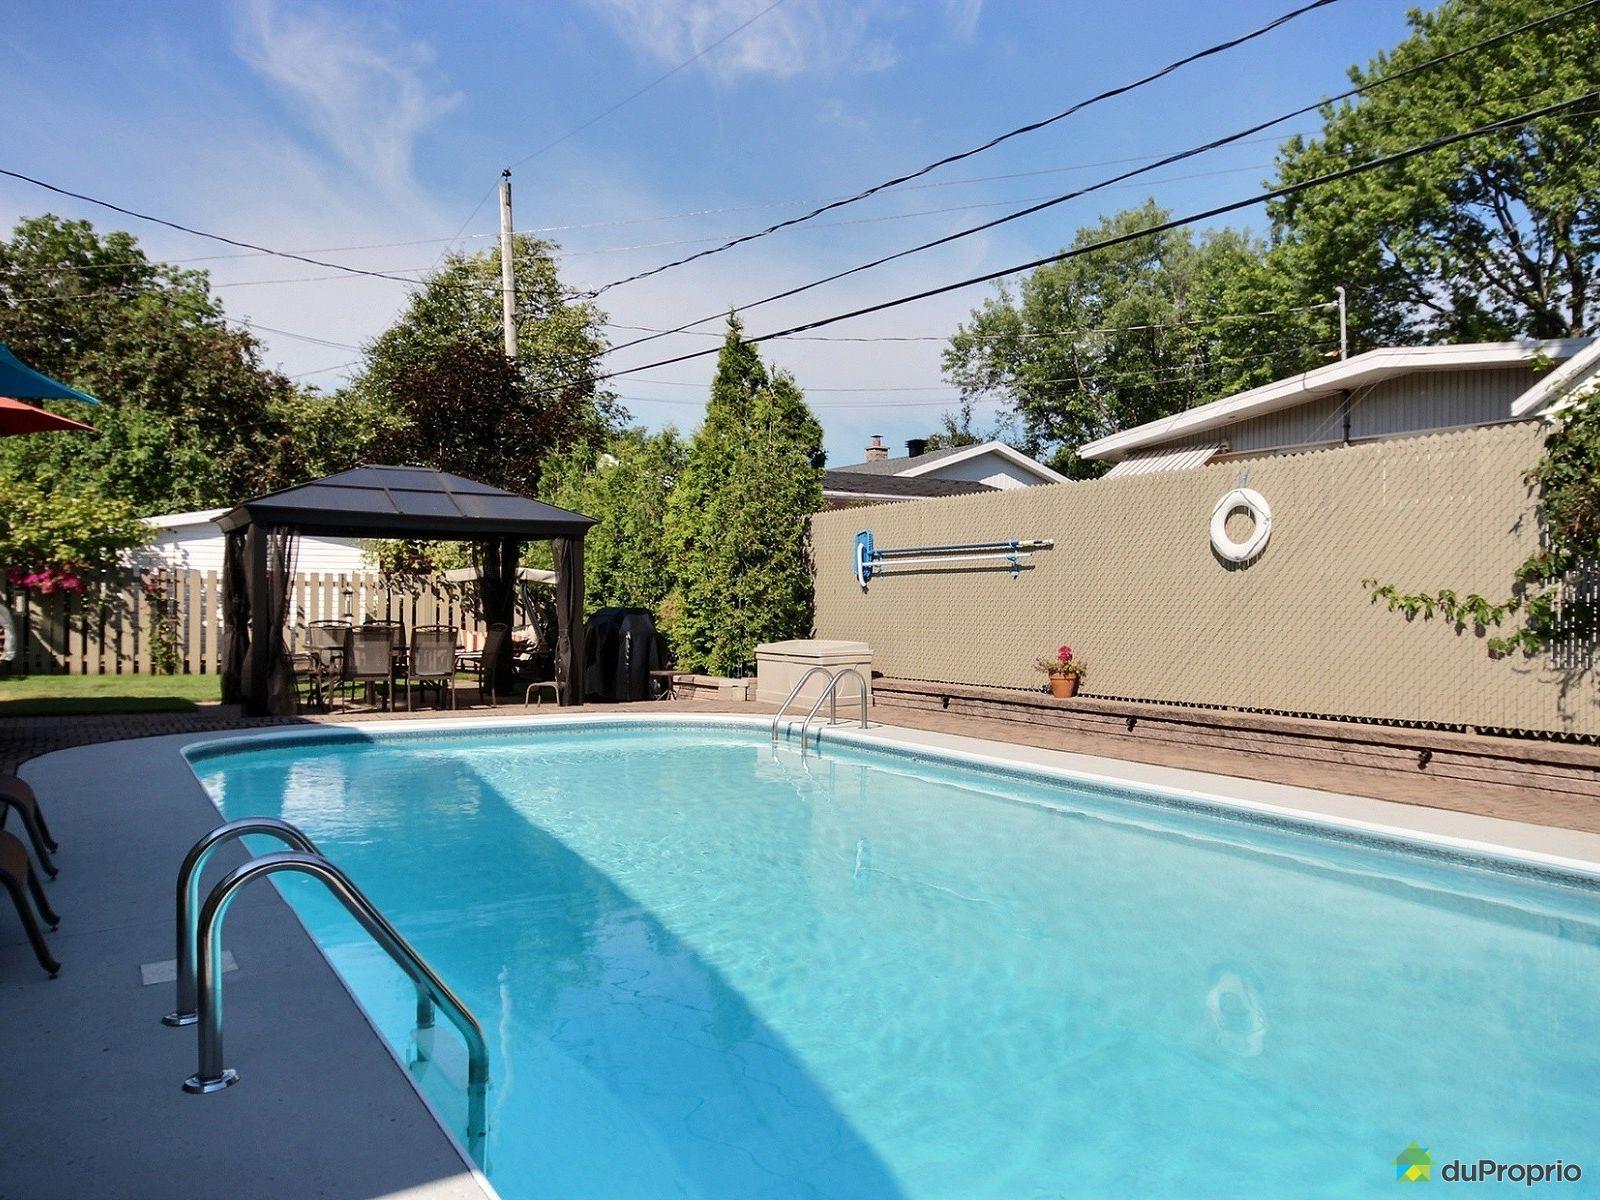 Maison vendre charlesbourg 1273 rue du maine for Arpidrome charlesbourg piscine